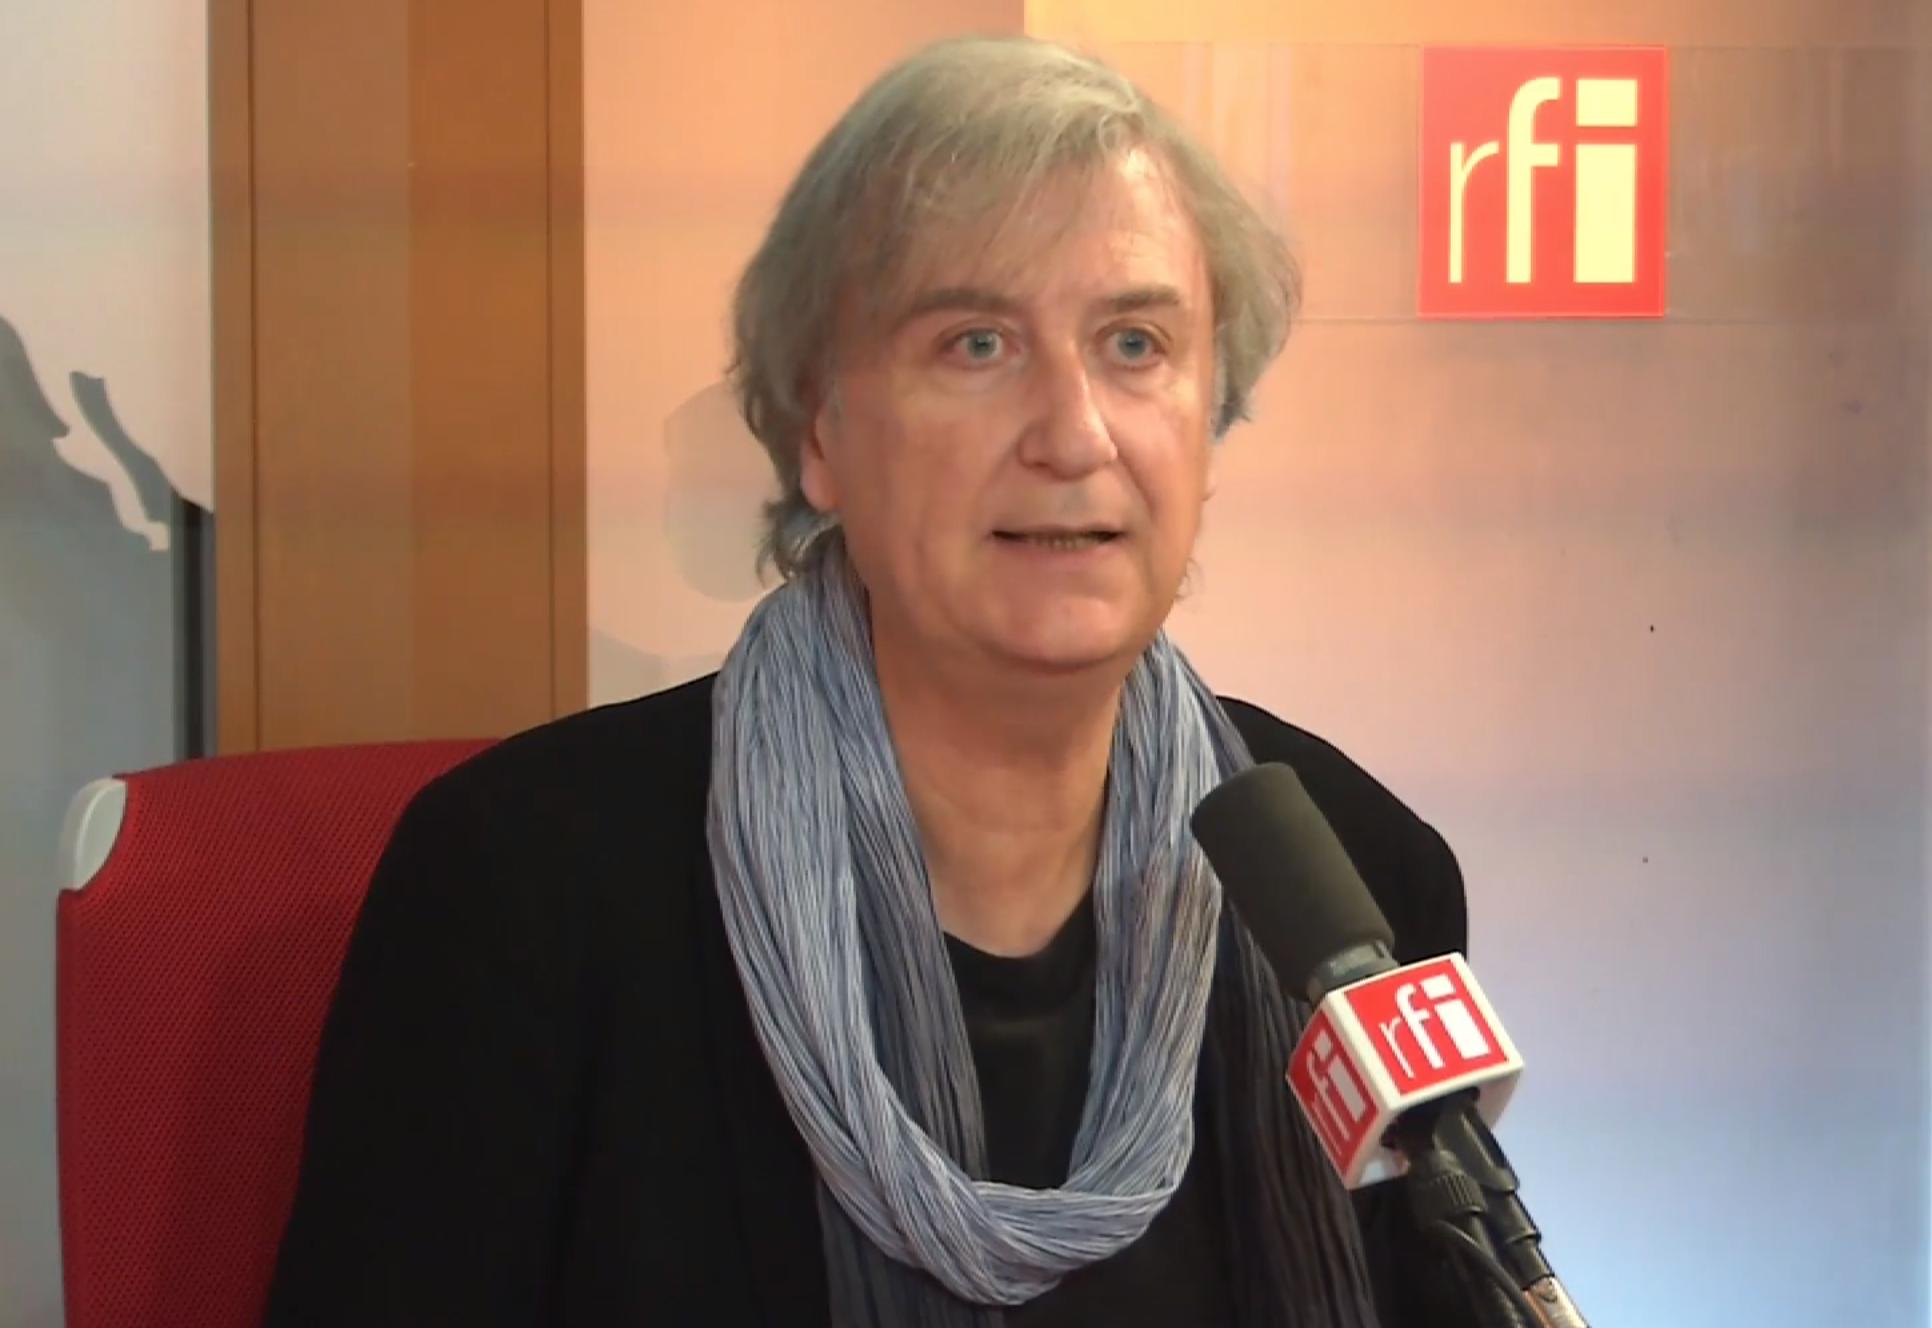 Знаменитый карикатурист Плантю во время интервью в радиостудии RFI 21 сентября 2015 г.